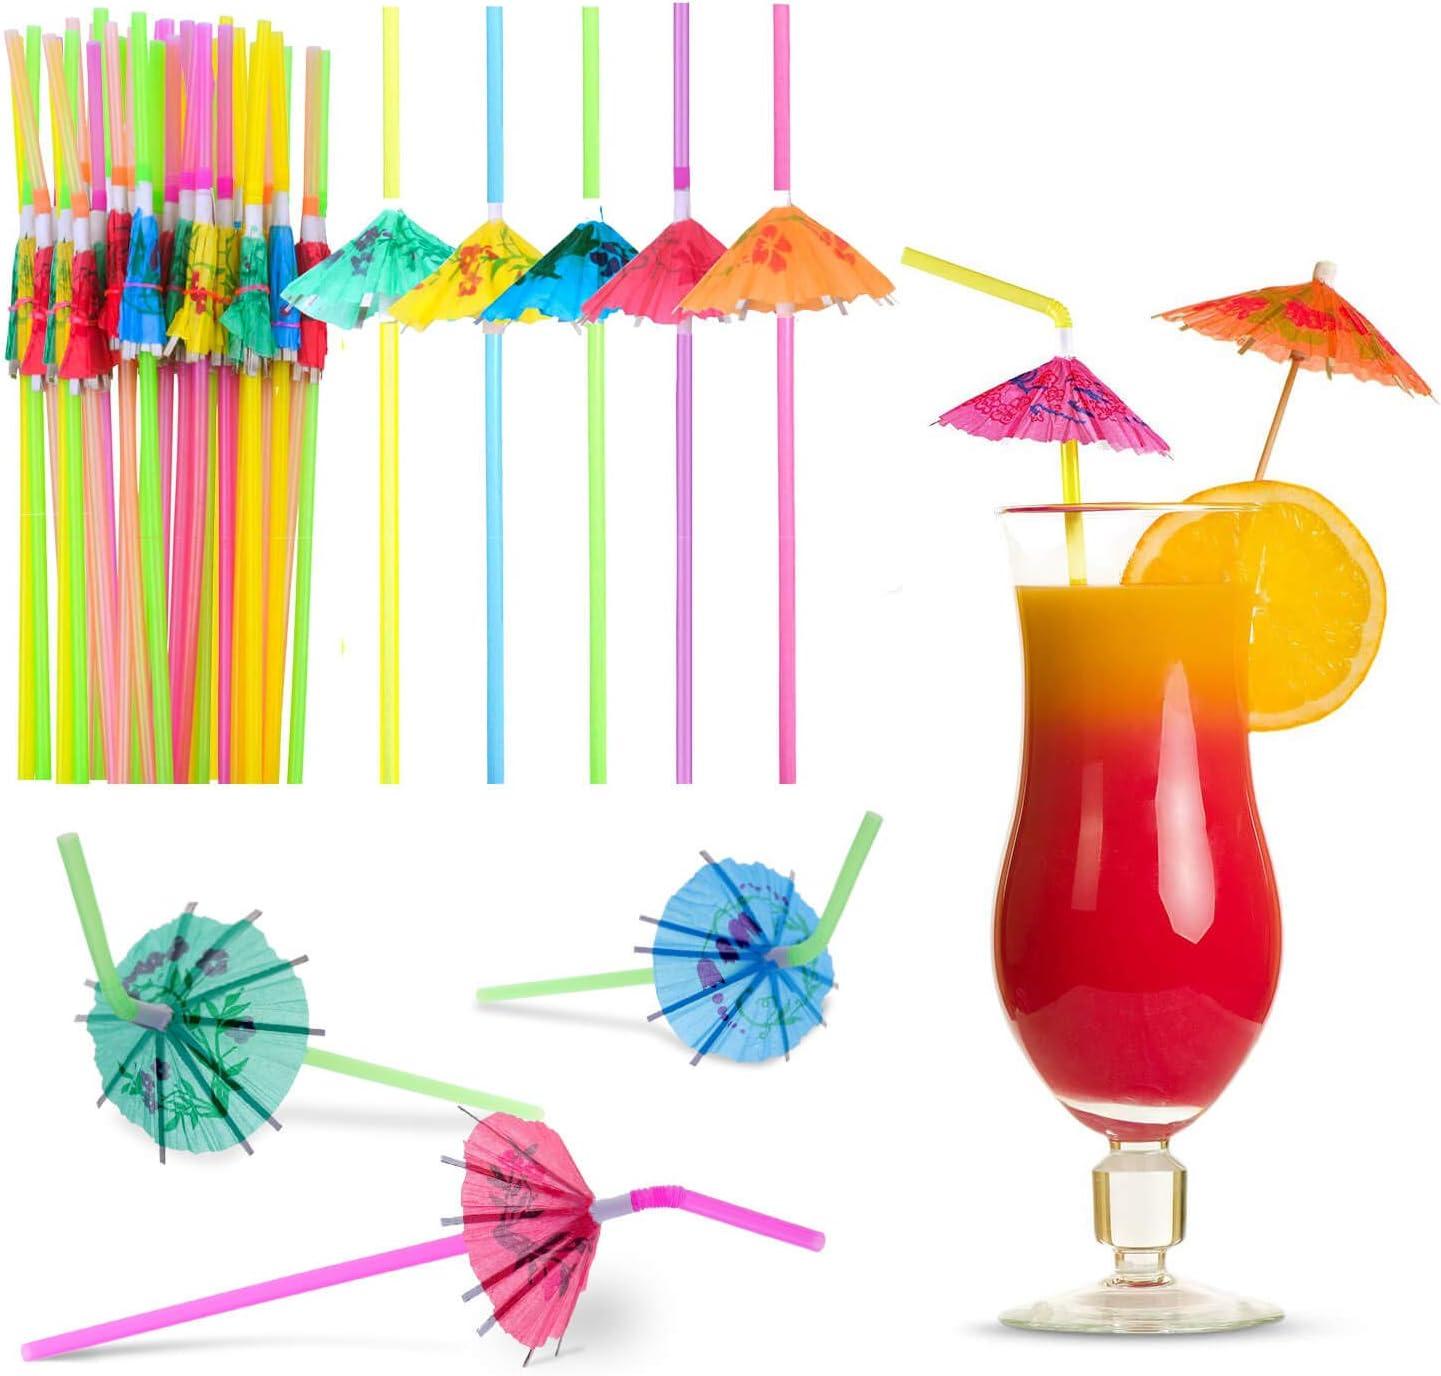 Umbrella Straws for Drinks, Paxcoo 100pcs Umbrella Straws Hawaiian Luau Party Straws for Drinks Decorations (Assorted Colors)